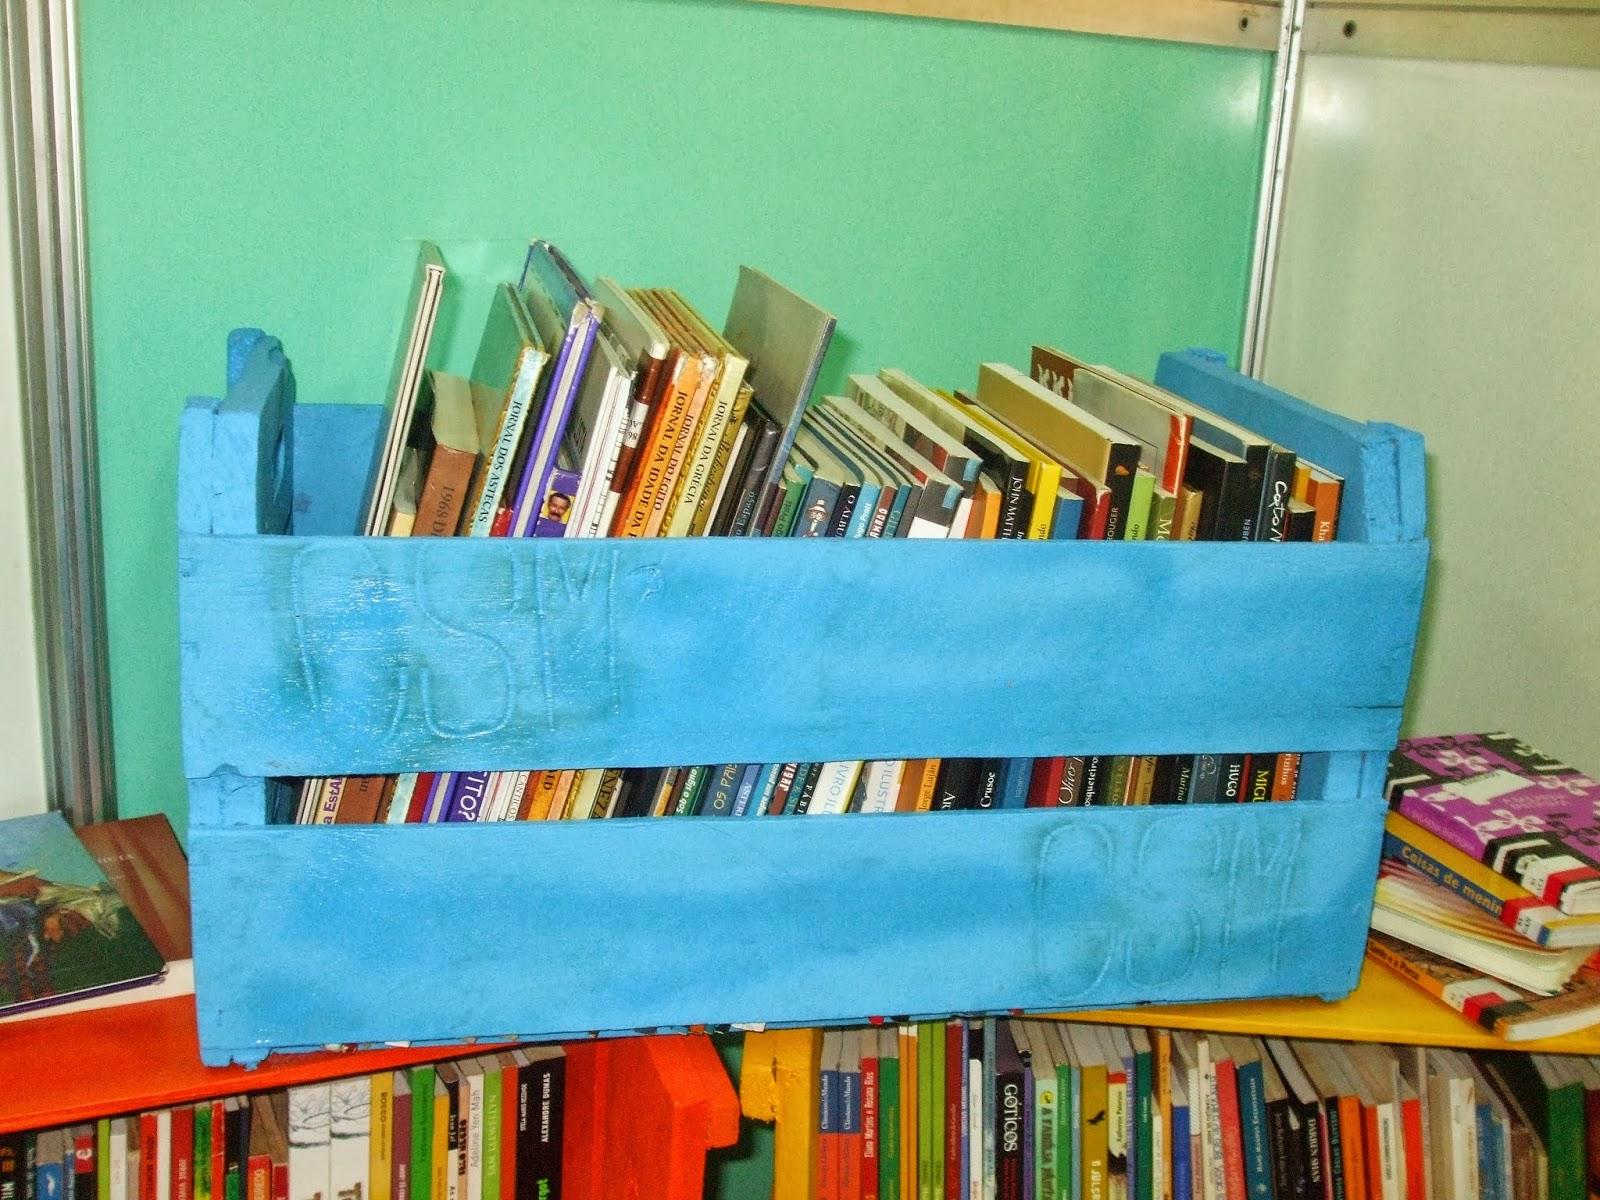 decoracao sala de leitura na escola:EU SOU DONA DE MIM: BIBLIOTECA COM MATERIAIS RECICLADOS